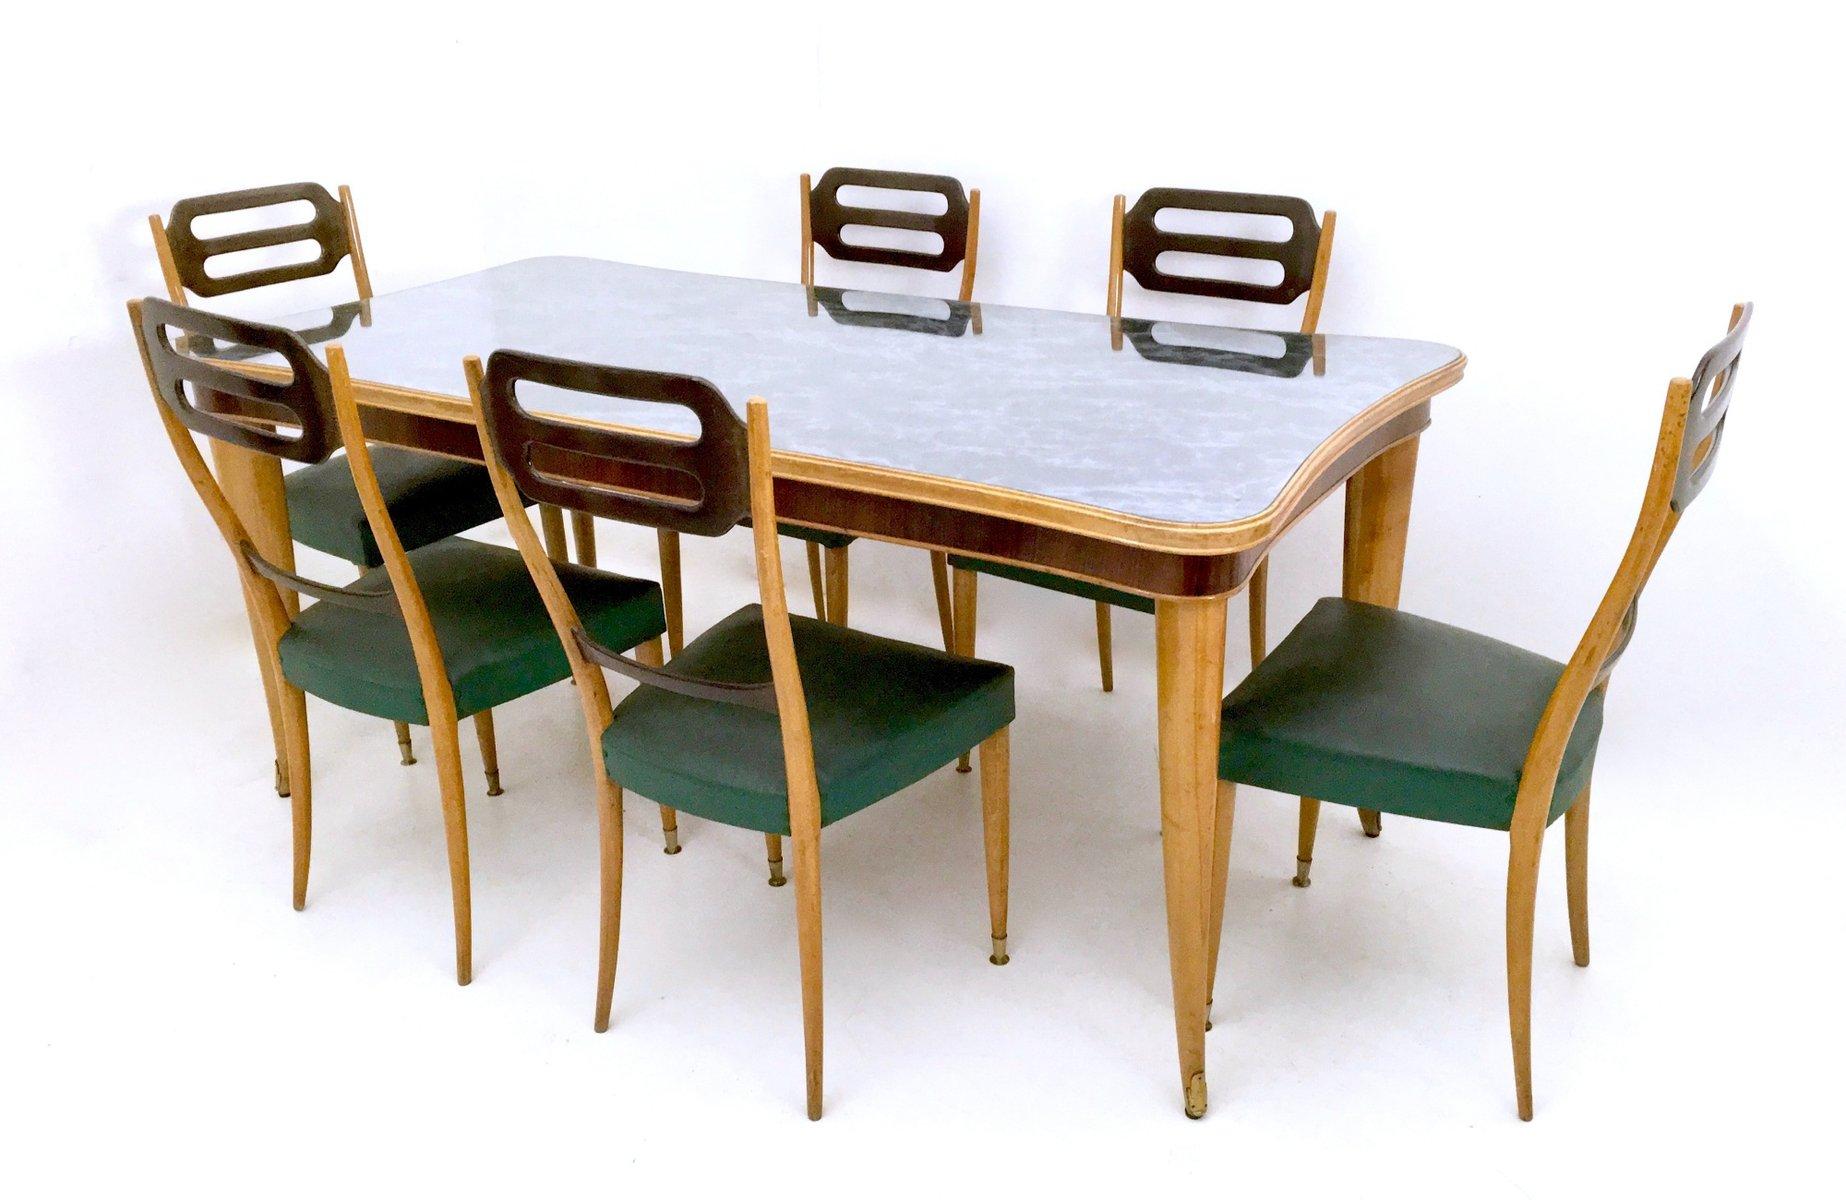 Mesa de comedor italiana de haya y arce, años 50 en venta en Pamono